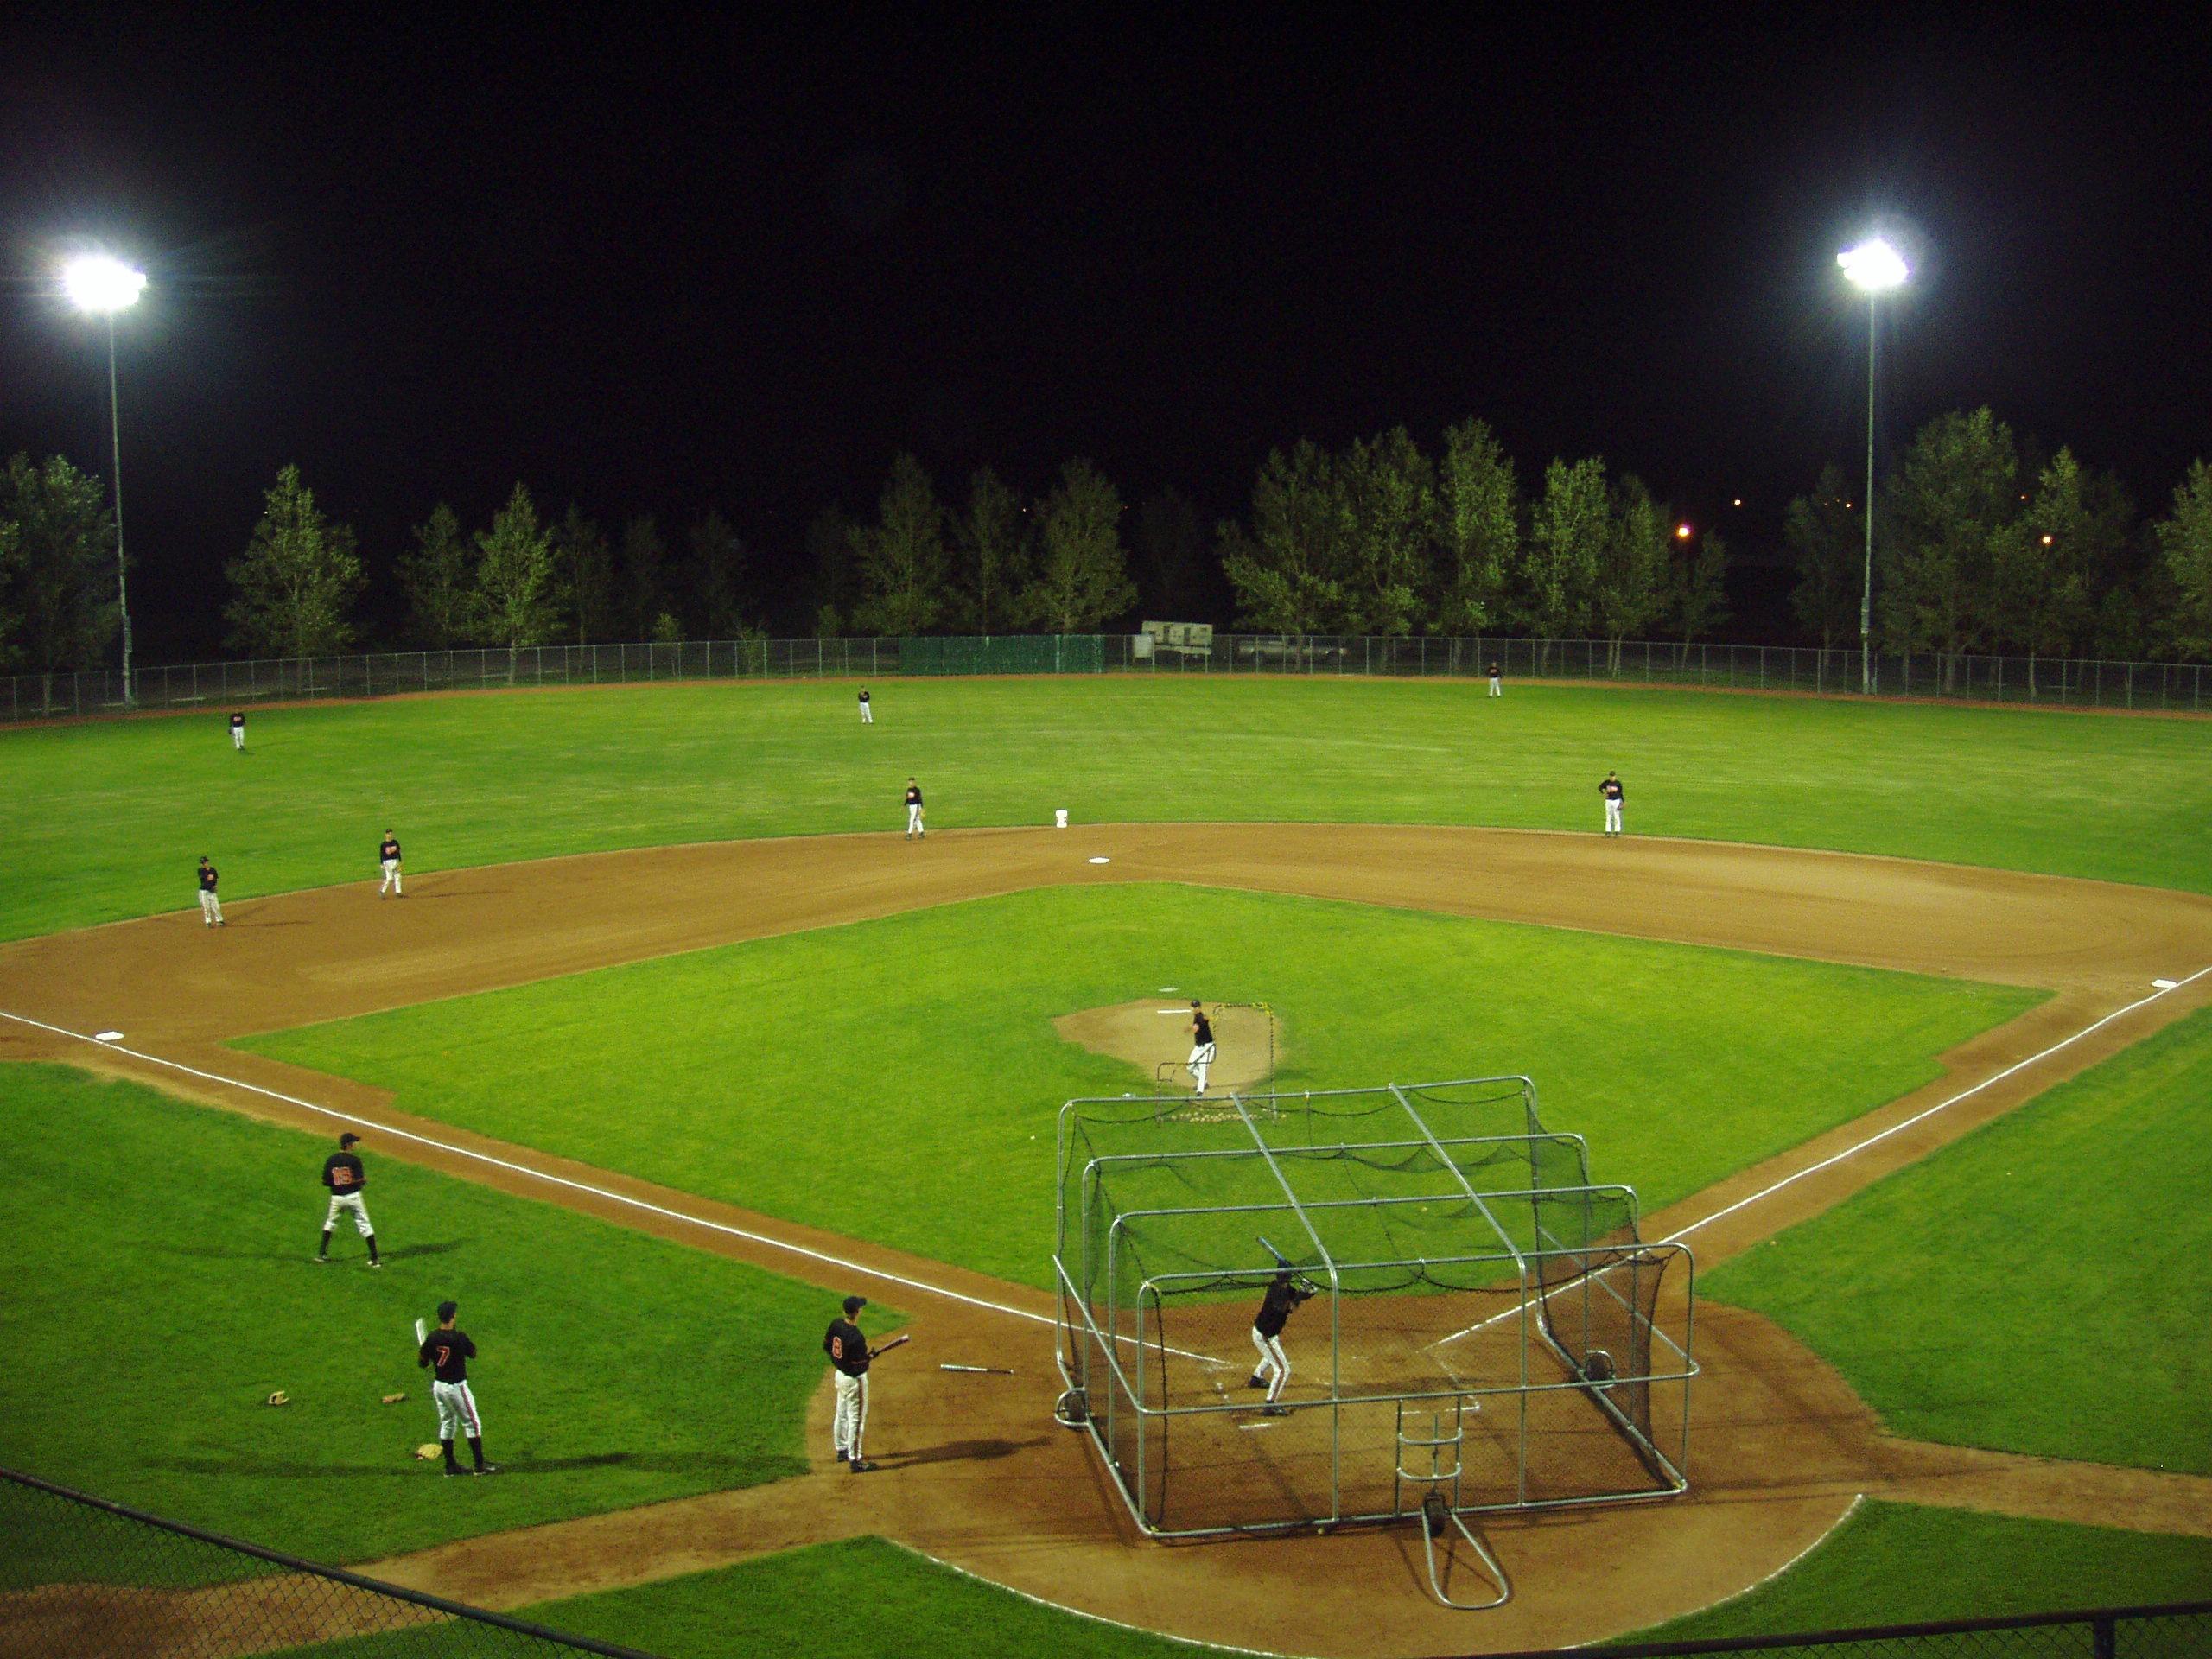 Baseball Field Backgrounds wallpaper wallpaper hd background 2560x1920